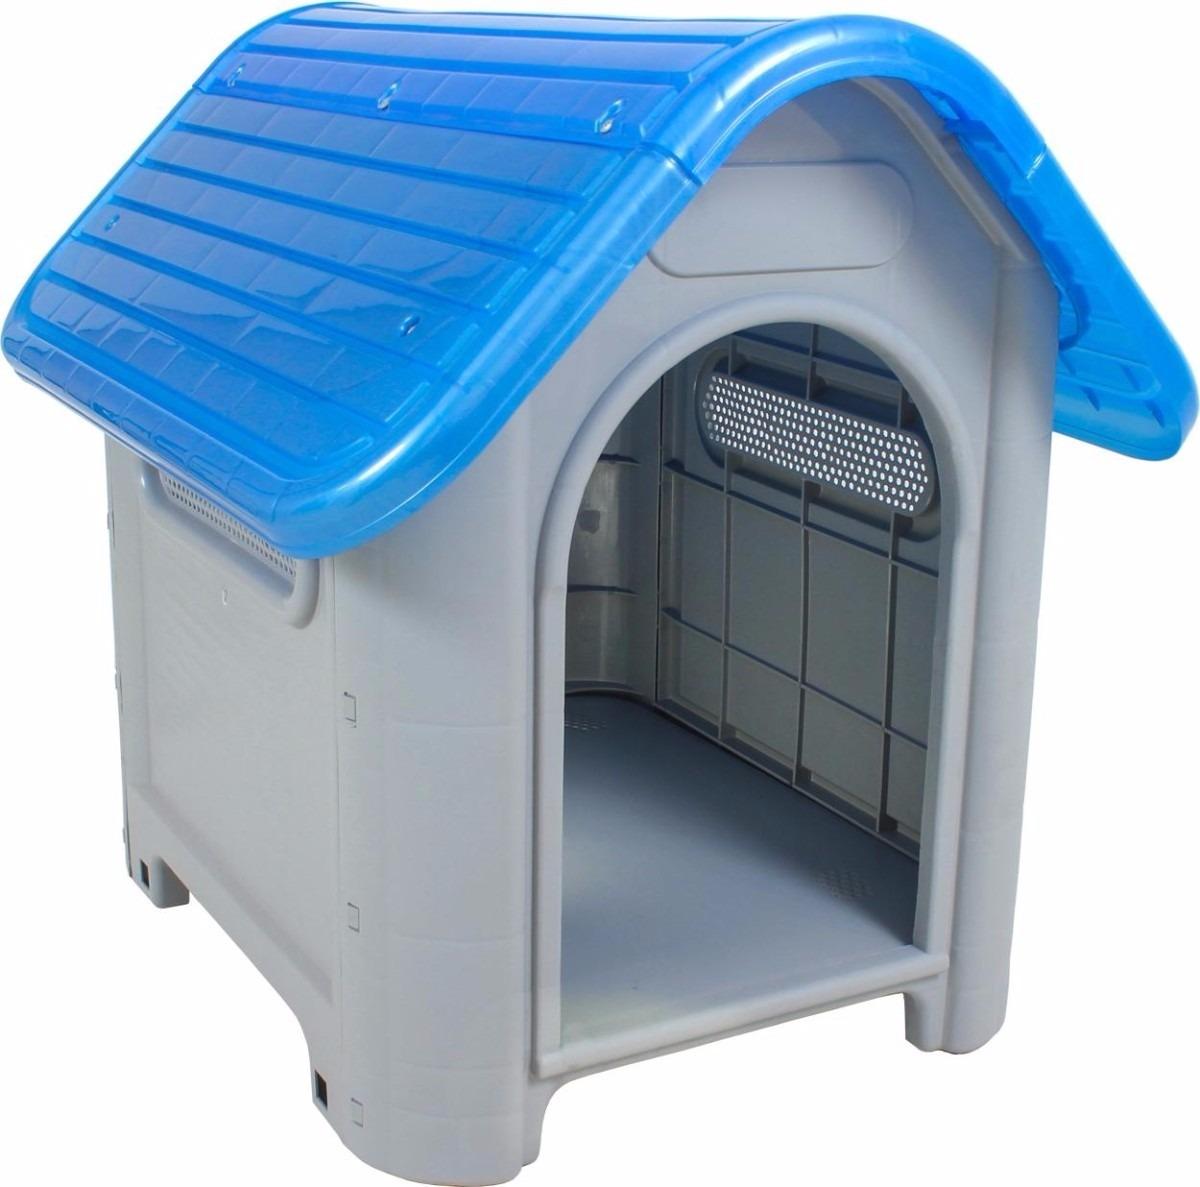 Casinha Cachorros Gatos Pet De Plastico Porte Médio R$ 189 00 no  #0677C5 1200x1187